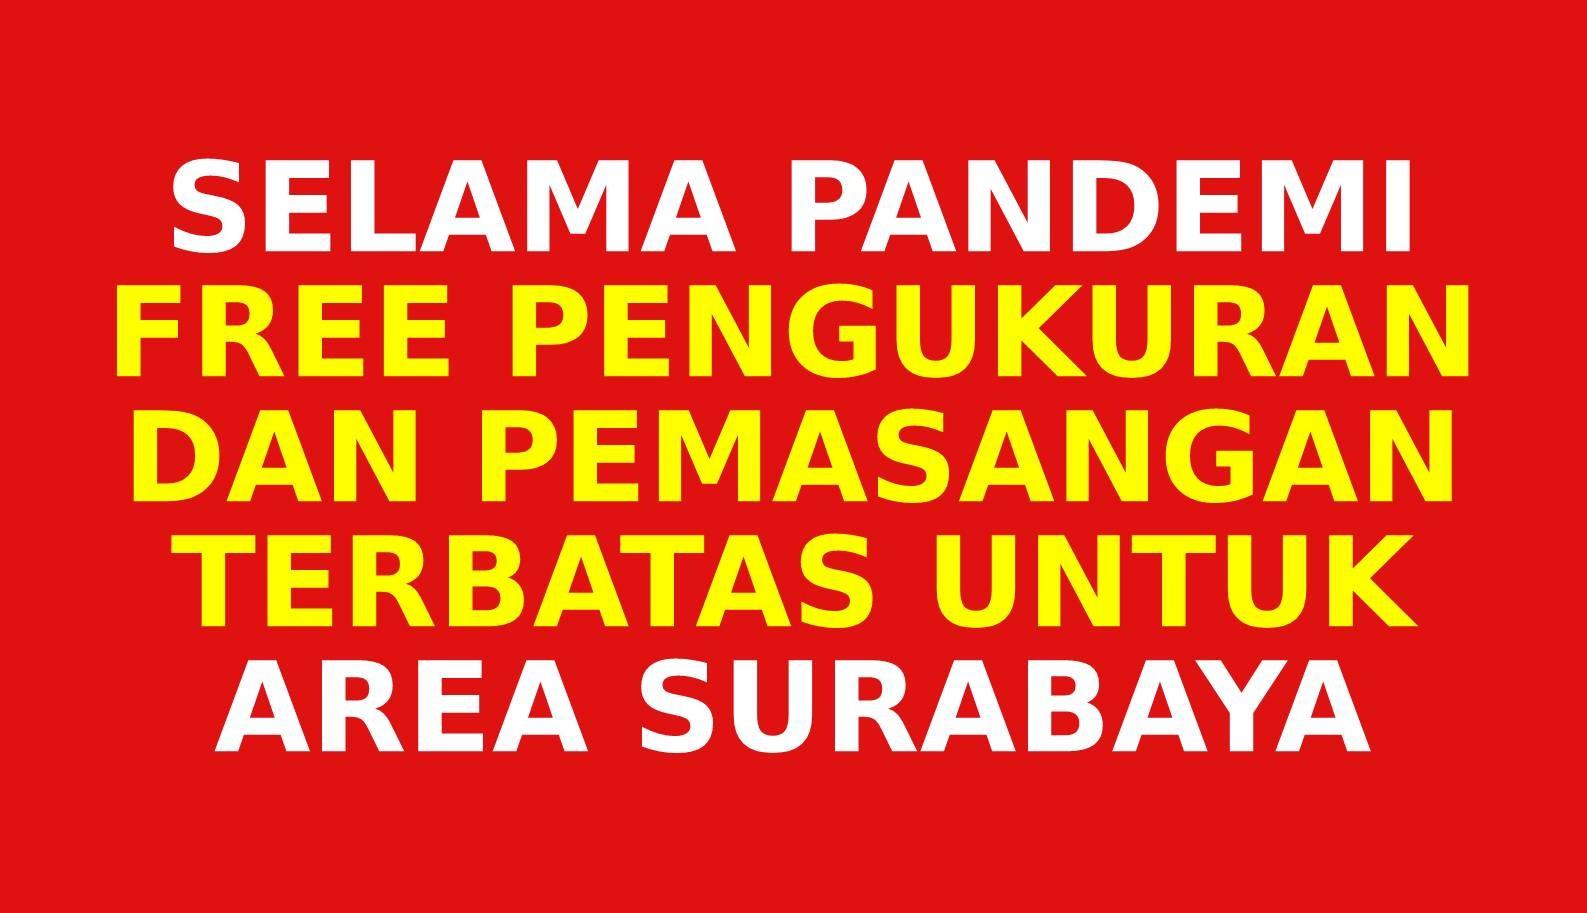 Gratis pengukuran dan pemasangan area Surabaya.